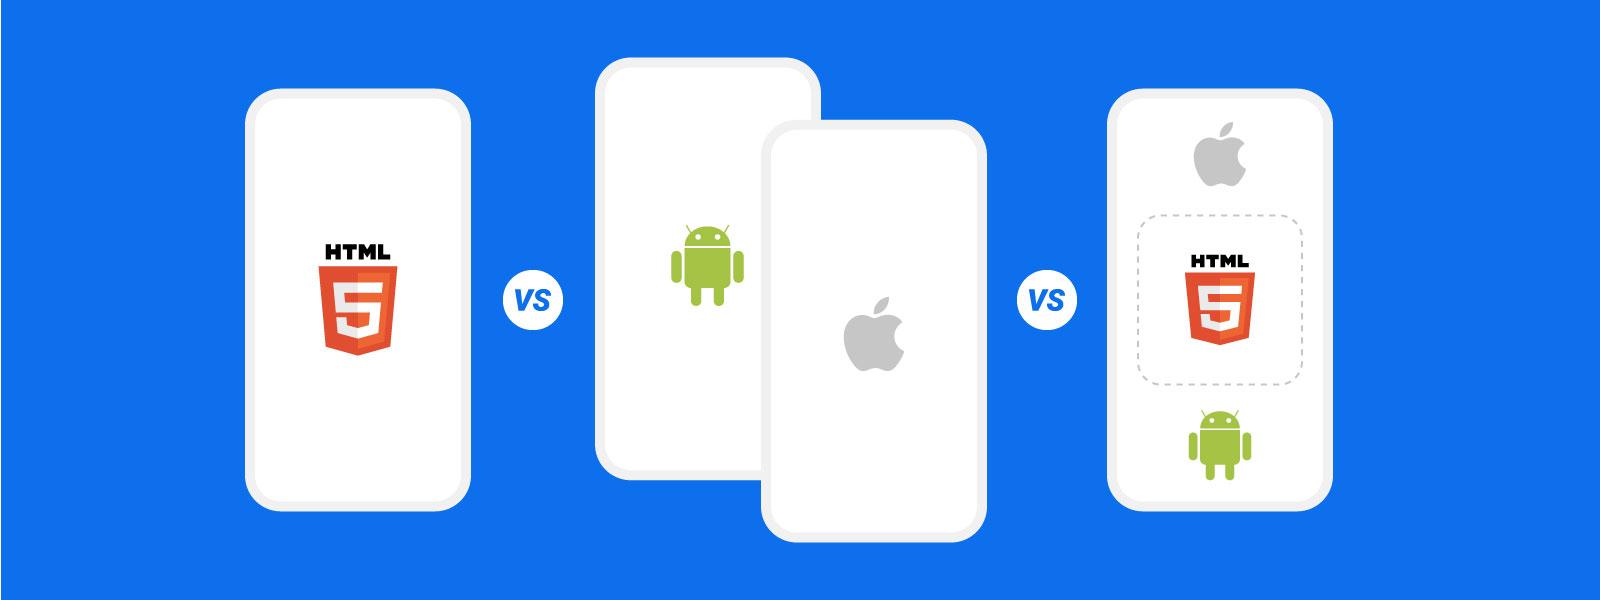 Web app, native app, hybrid app… hvad skal appen udvikles som?